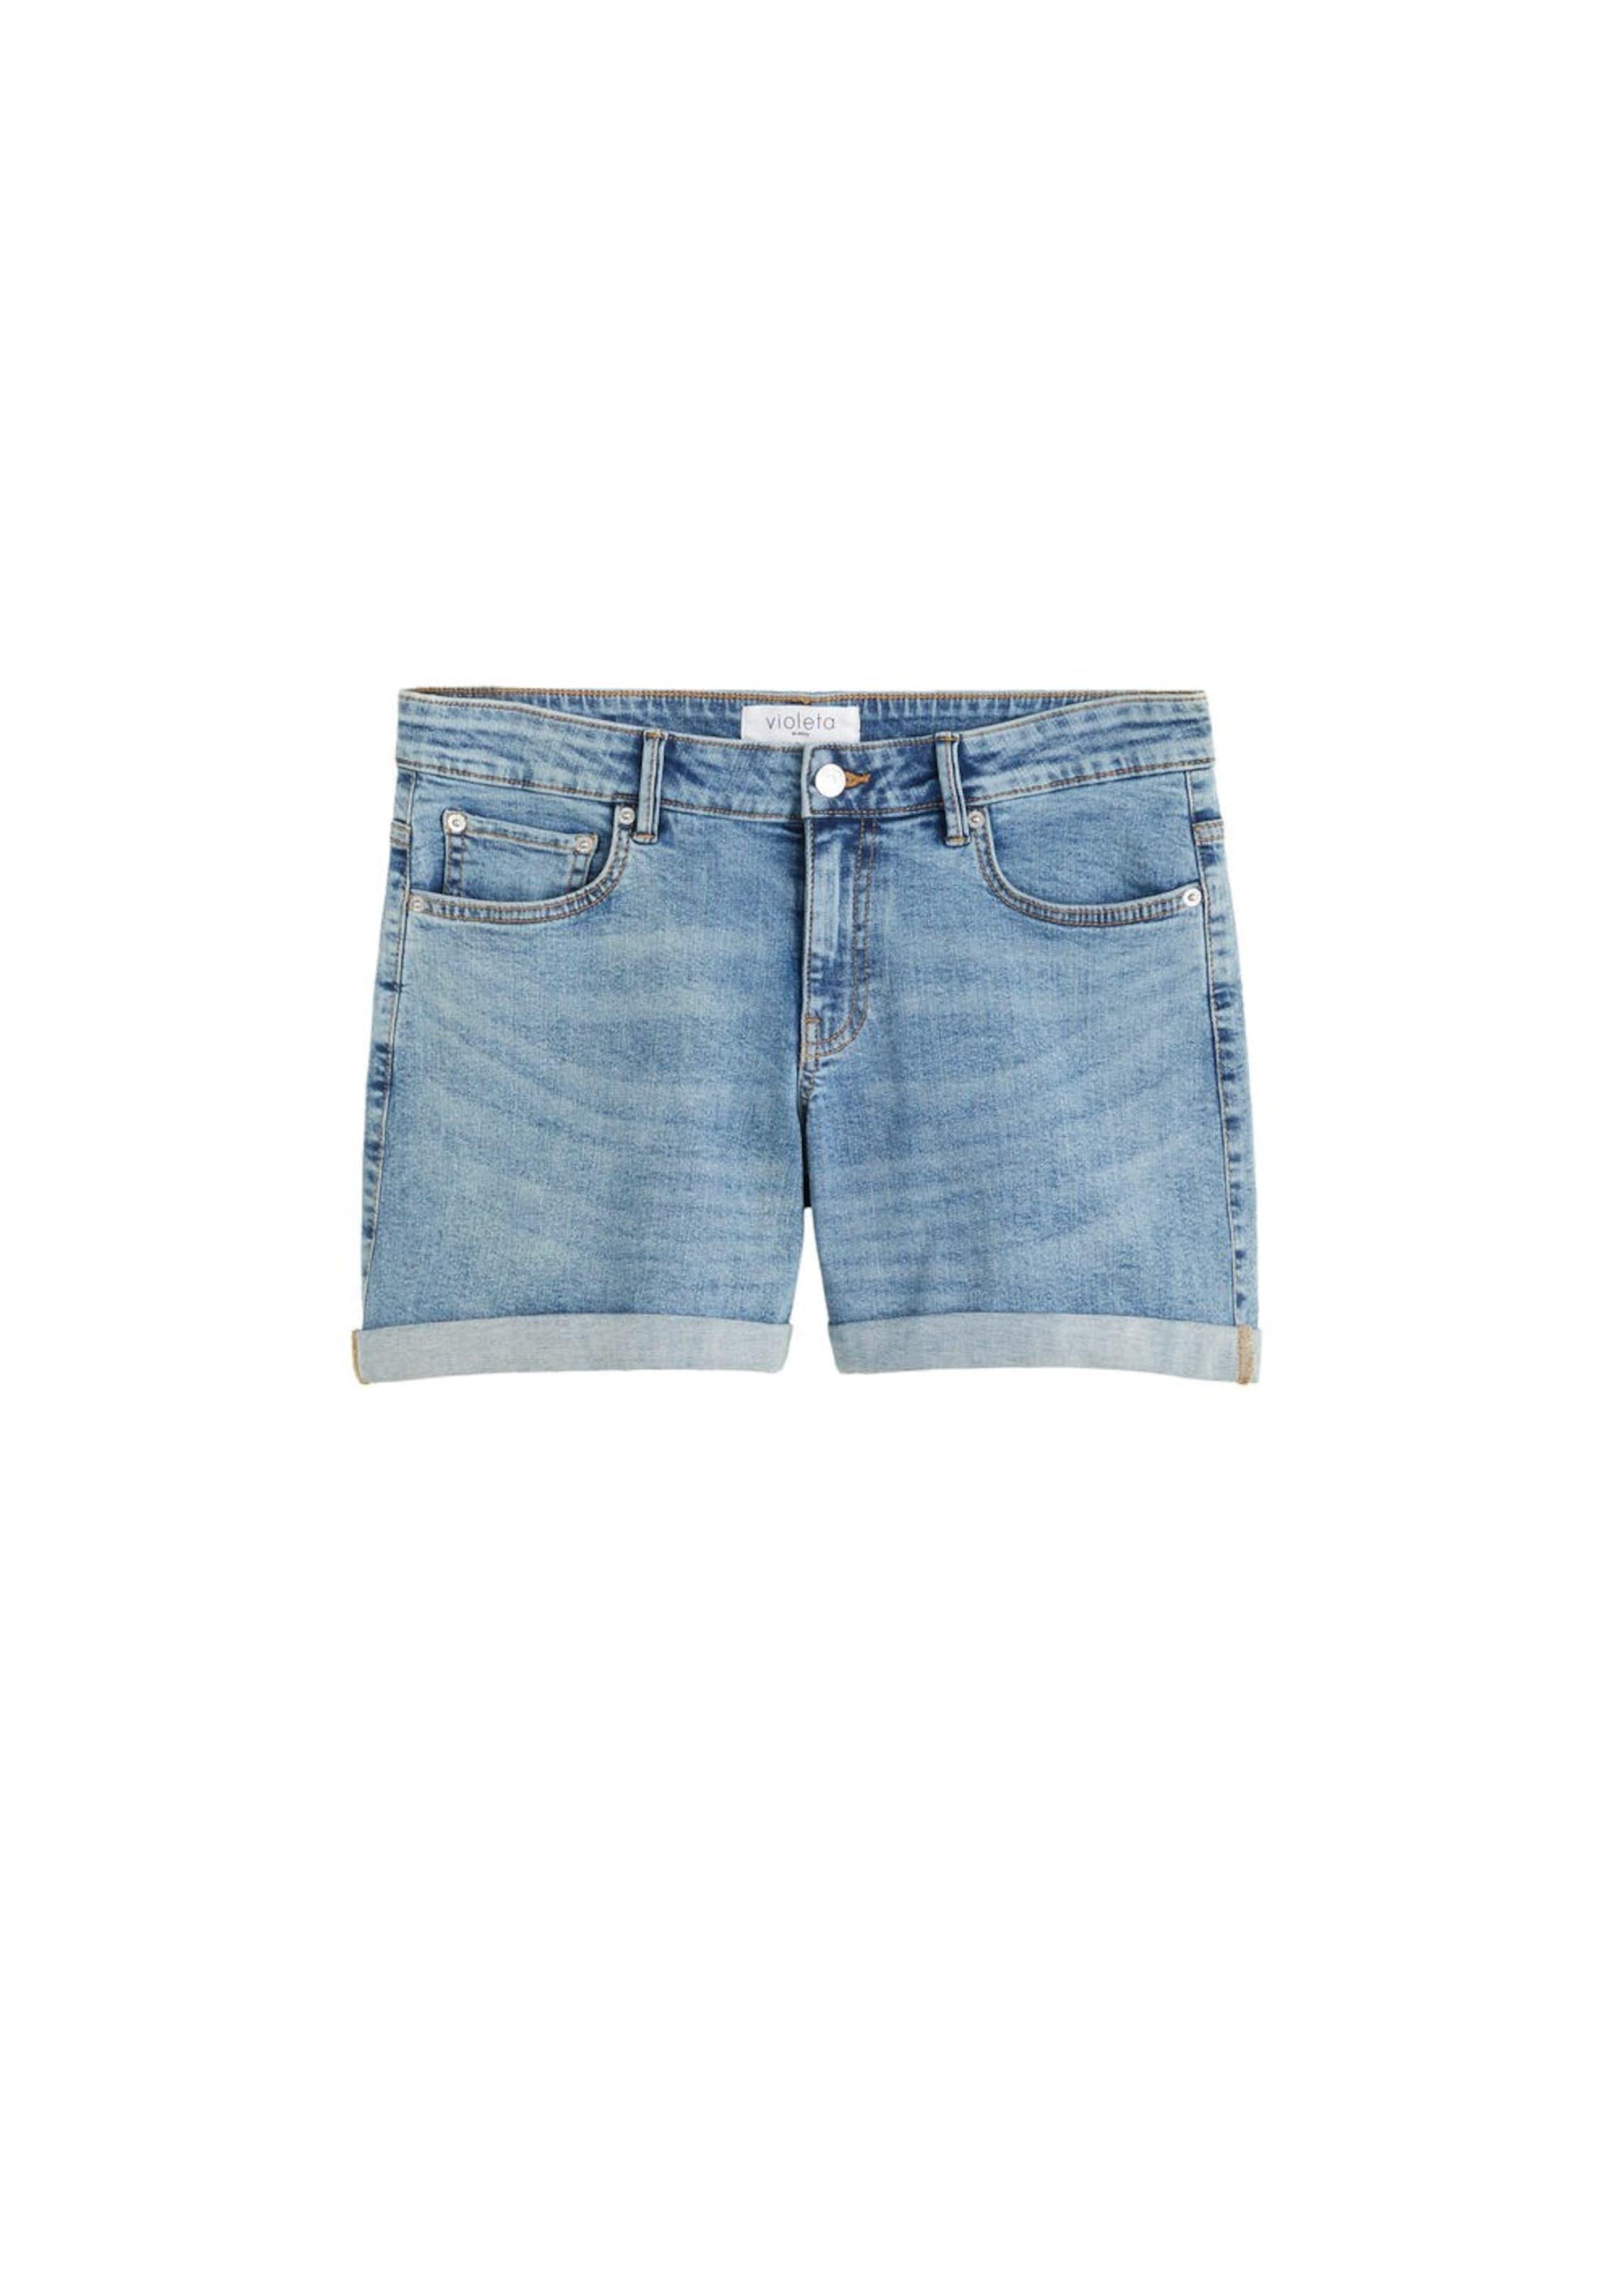 By 'vicky' Violeta Shorts Denim In Mango Blue sdhrCtQ